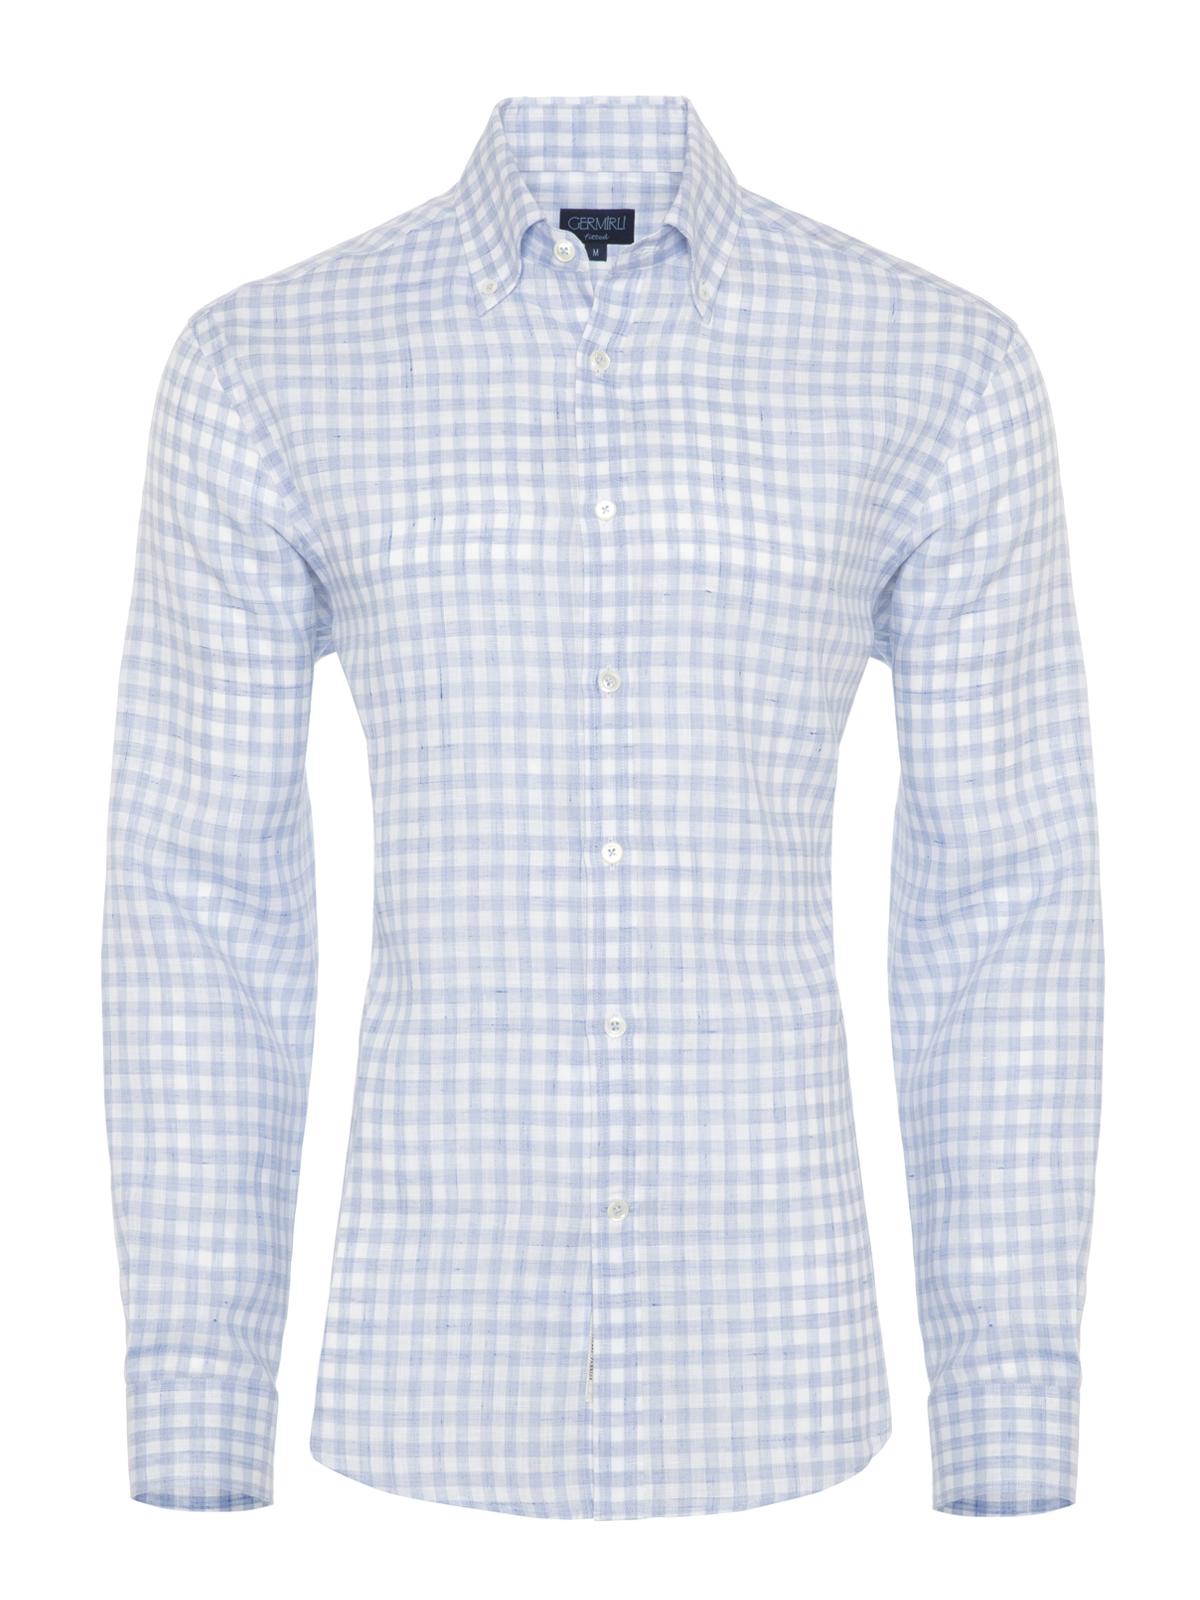 Germirli Mavi Beyaz Kareli Keten Düğmeli Yaka Tailor Fit Gömlek